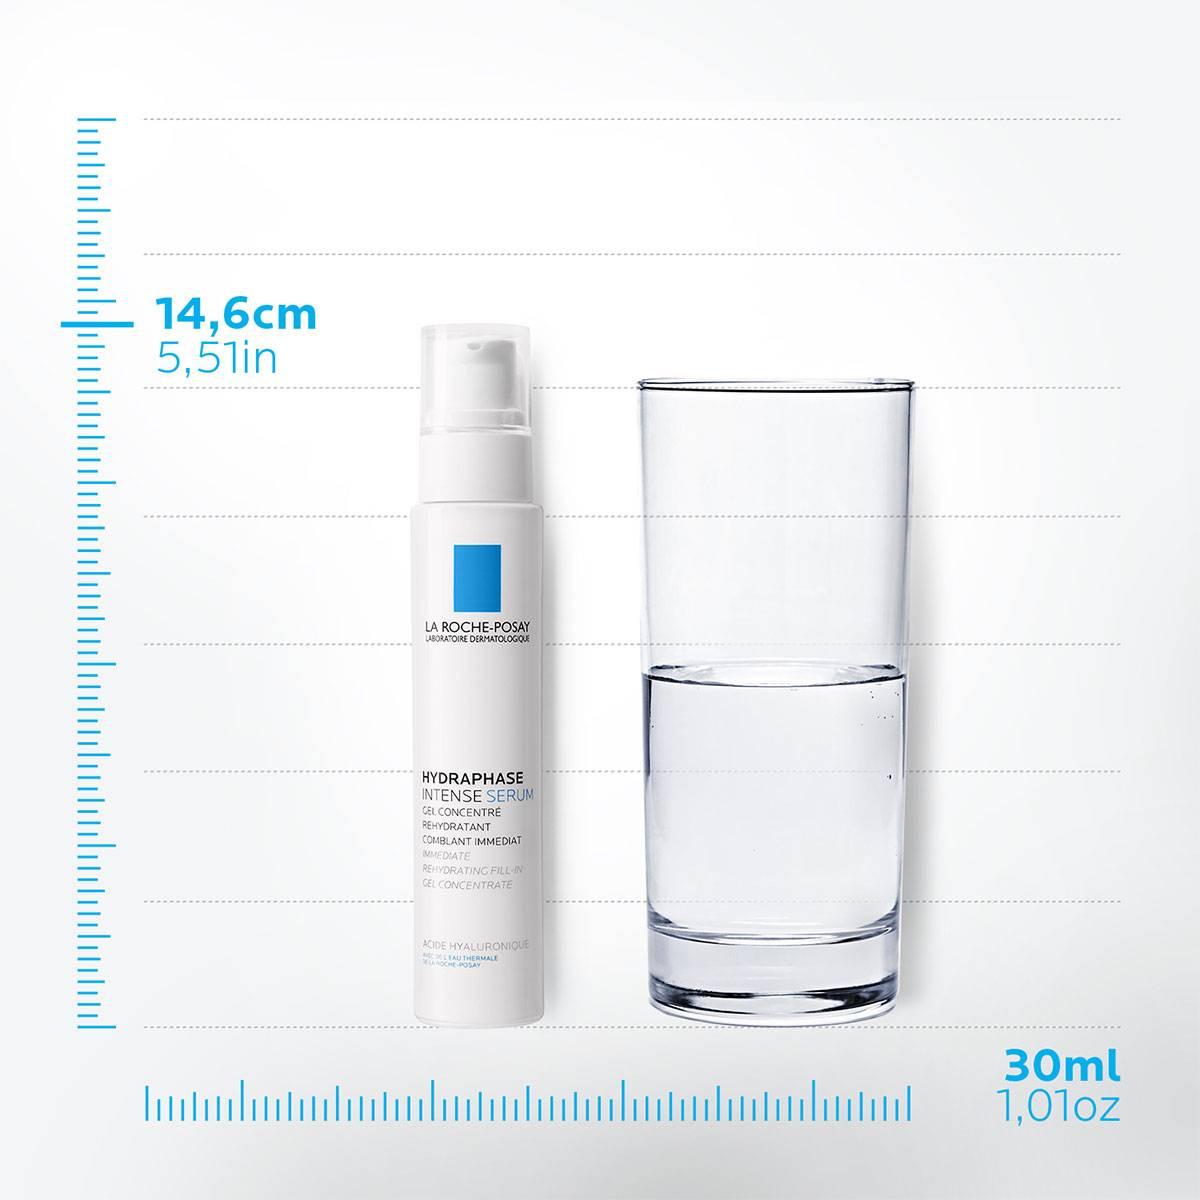 La Roche Posay Produktsida Hydraphase Intense Moisturizing Serum 30ml